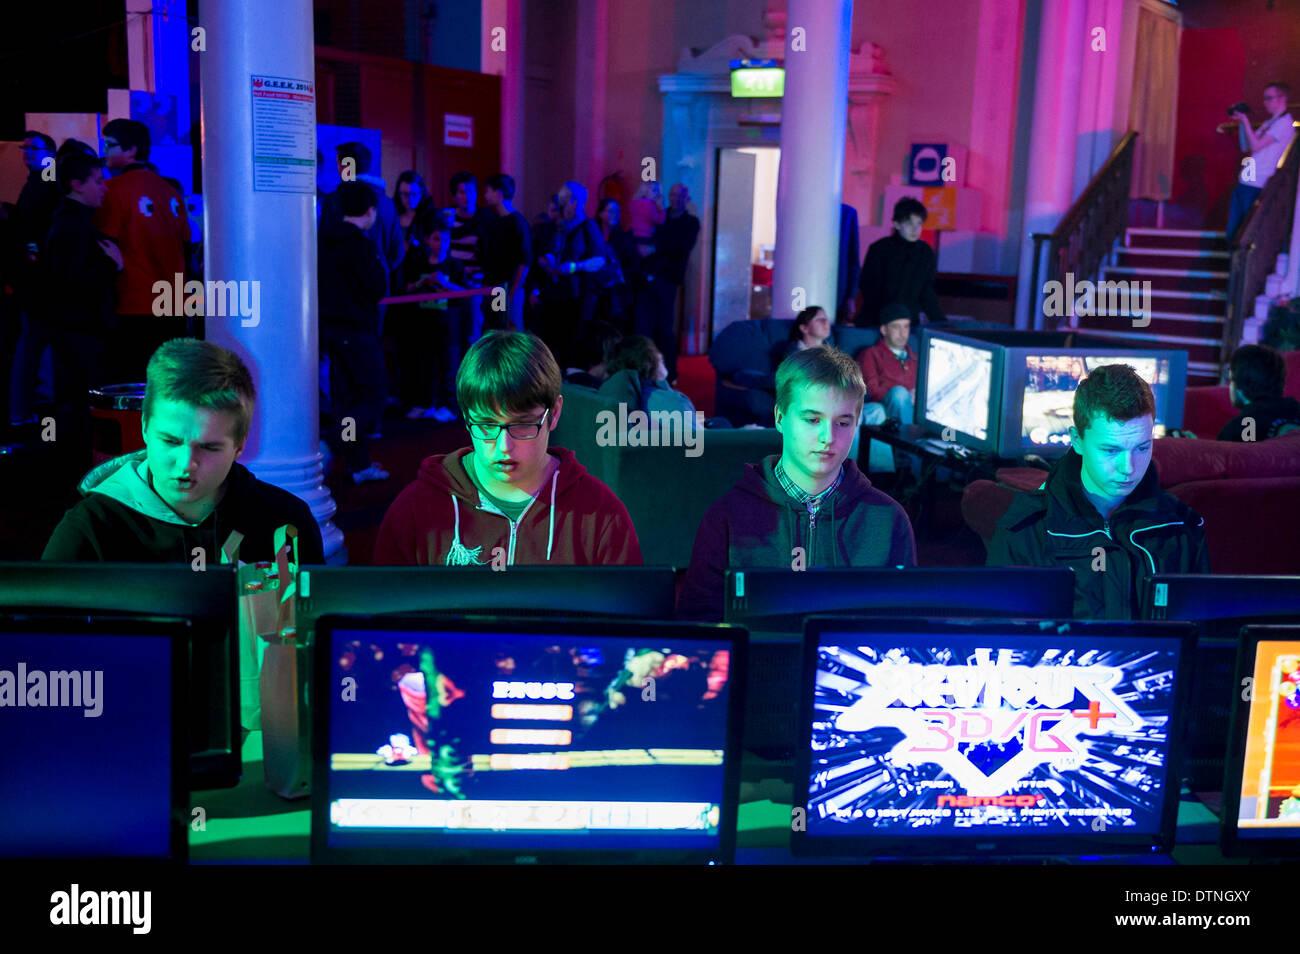 Margate, Kent, UK. 21 Février, 2014. Les joueurs de se concentrer sur leurs jeux à un geek gaming EXPO à Margate, Kent. Photographe: Gordon 1928/Alamy Live News Photo Stock